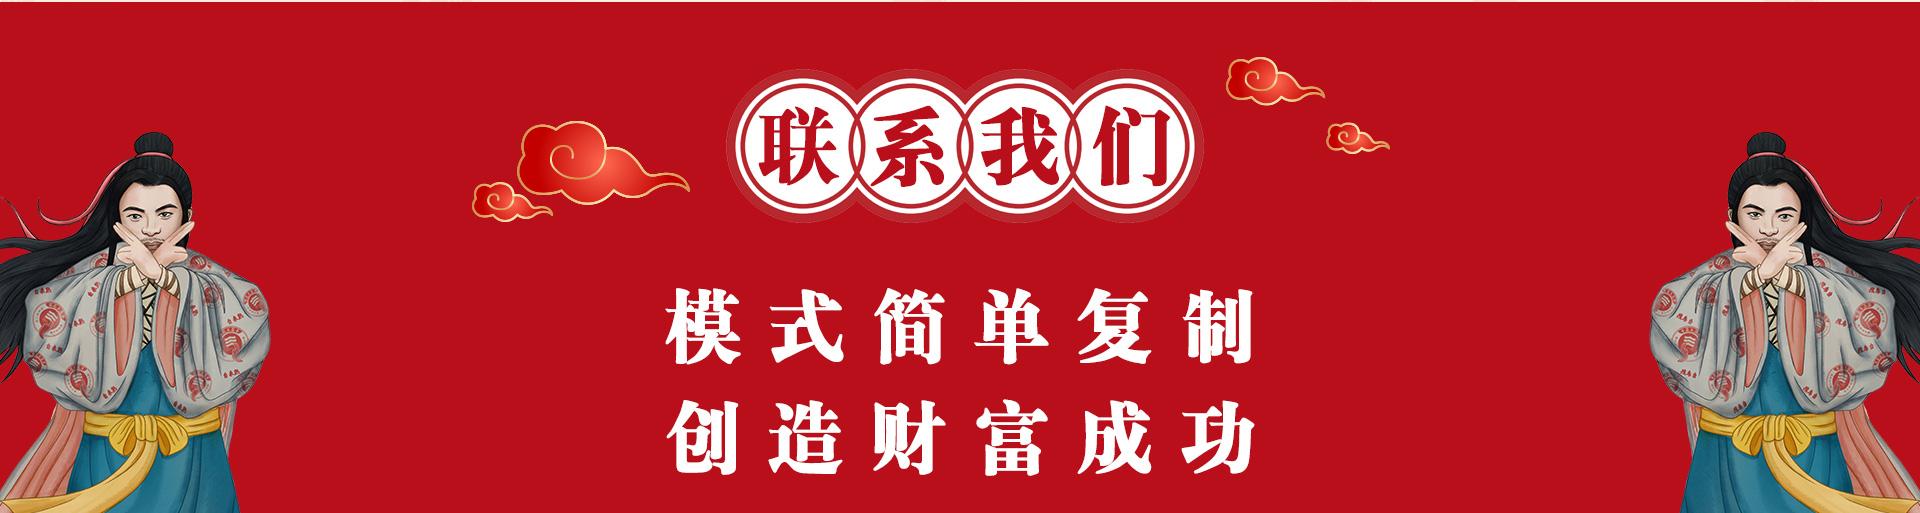 辣叁成燒菜火鍋lsc_23